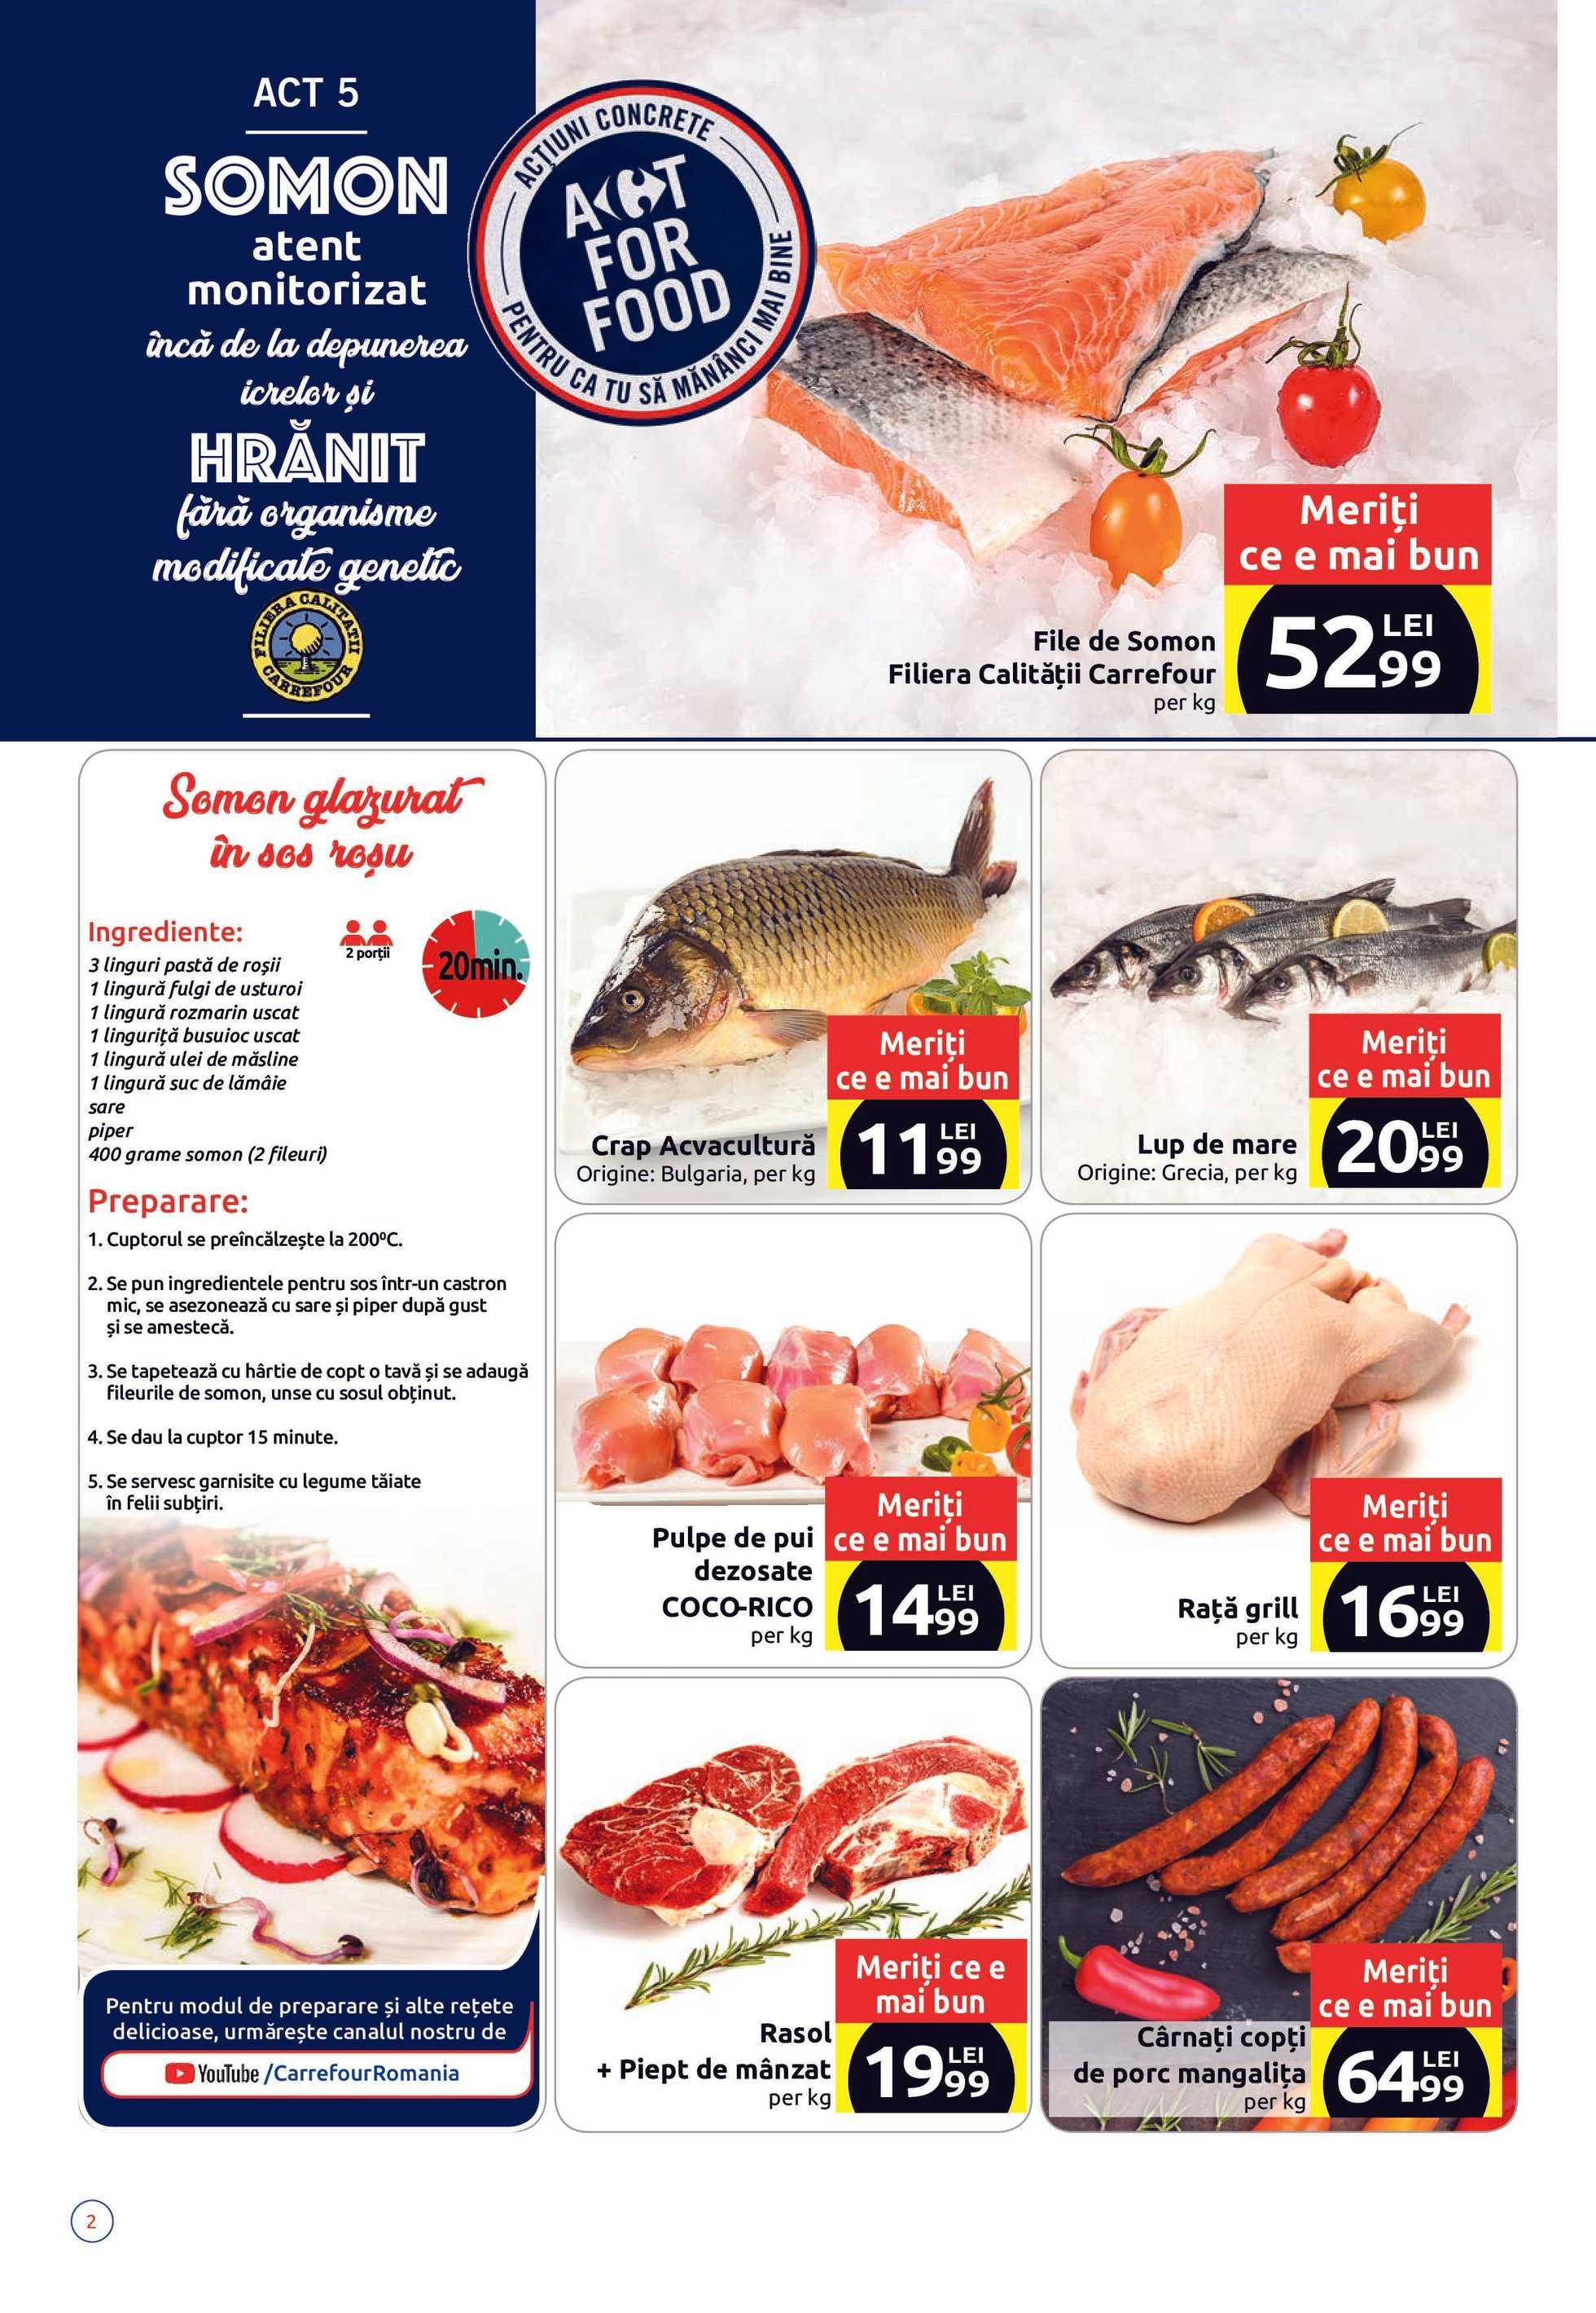 Carrefour - promo începând de la 27.02.2020 până la 04.03.2020 - pagină 2.